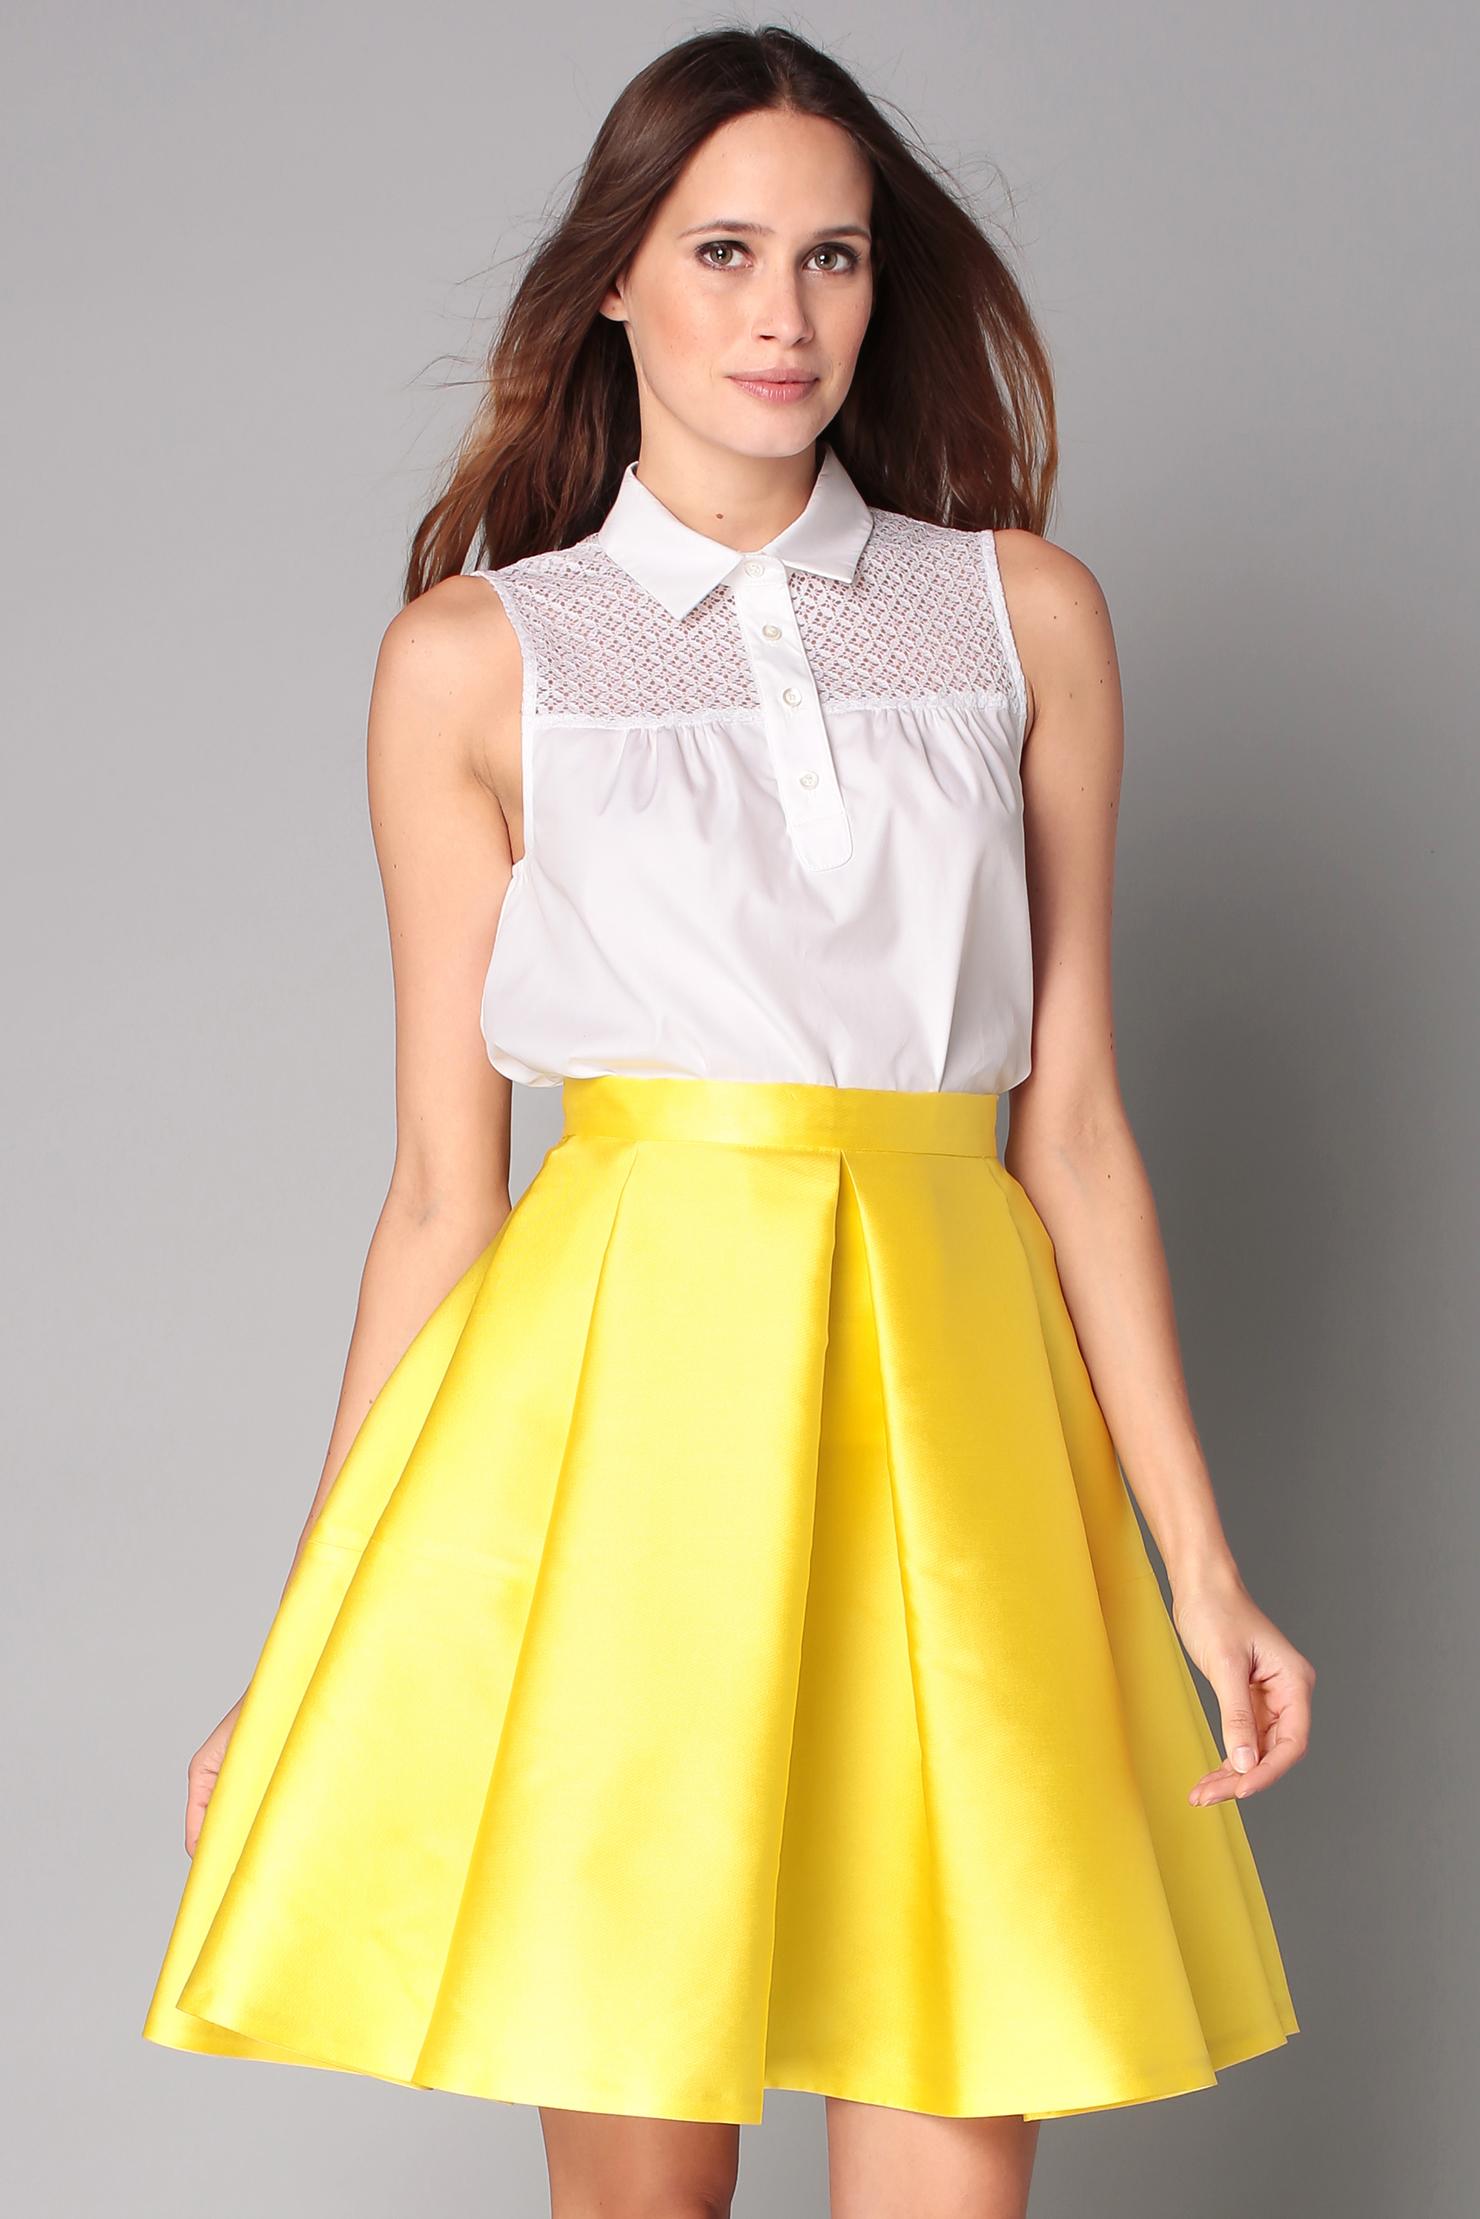 Cheap yellow midi skirt – Cool novelties of fashion 2017 photo blog